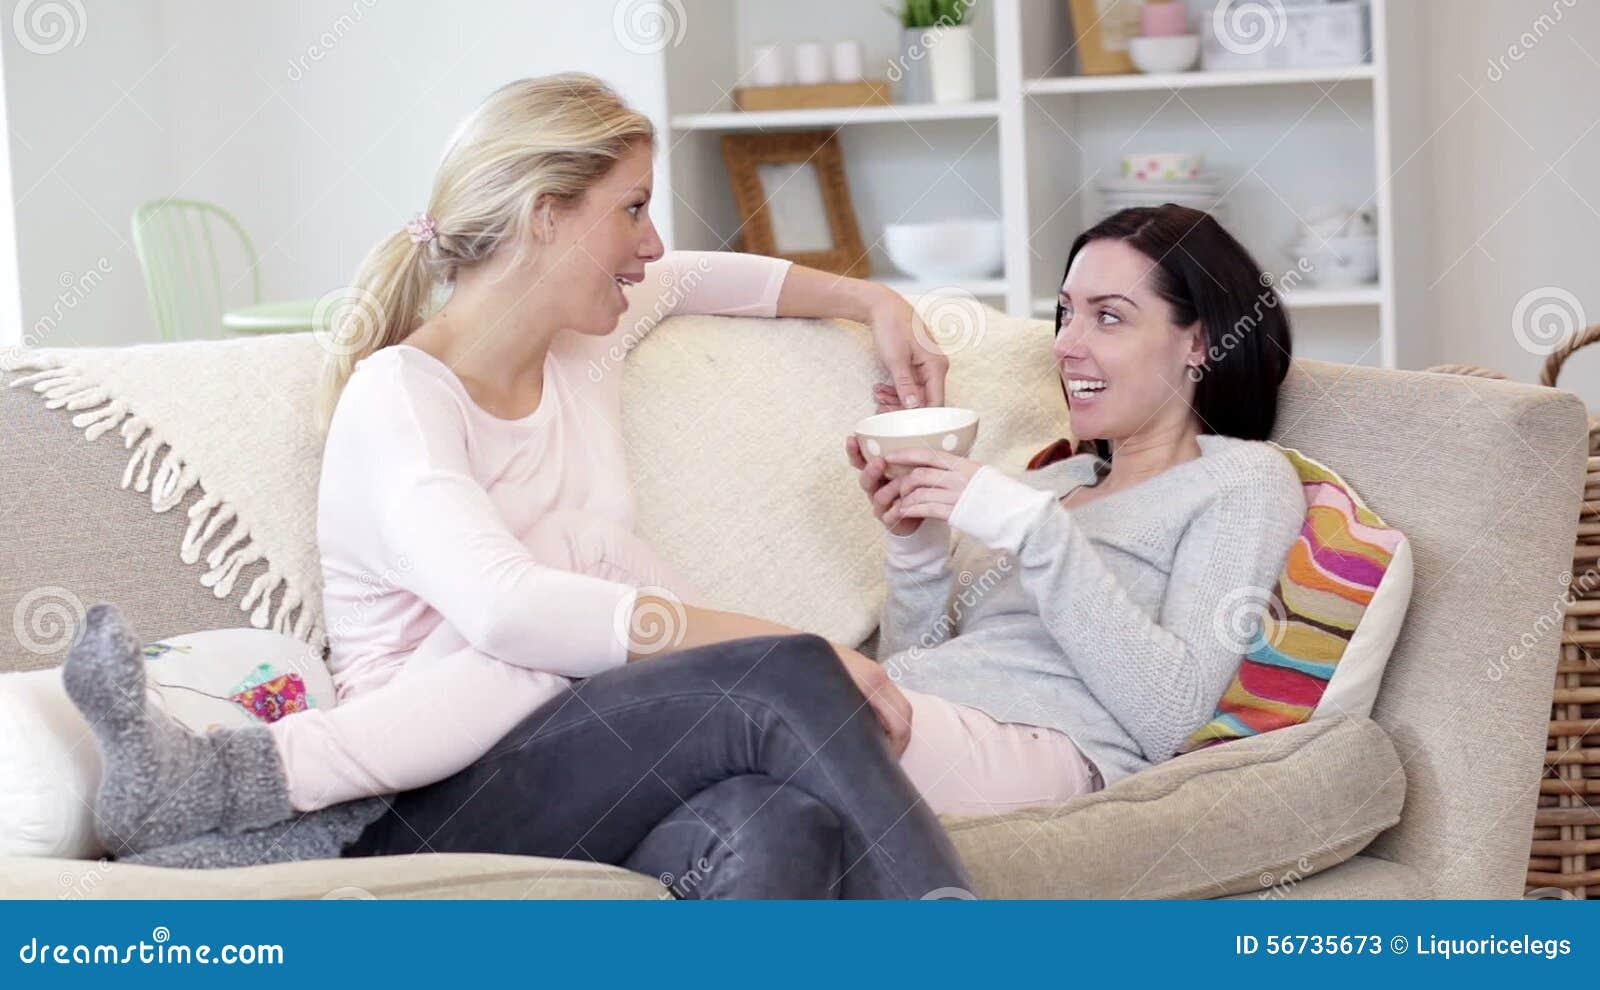 adolescent couple a sexe lesbienne porno libre vue